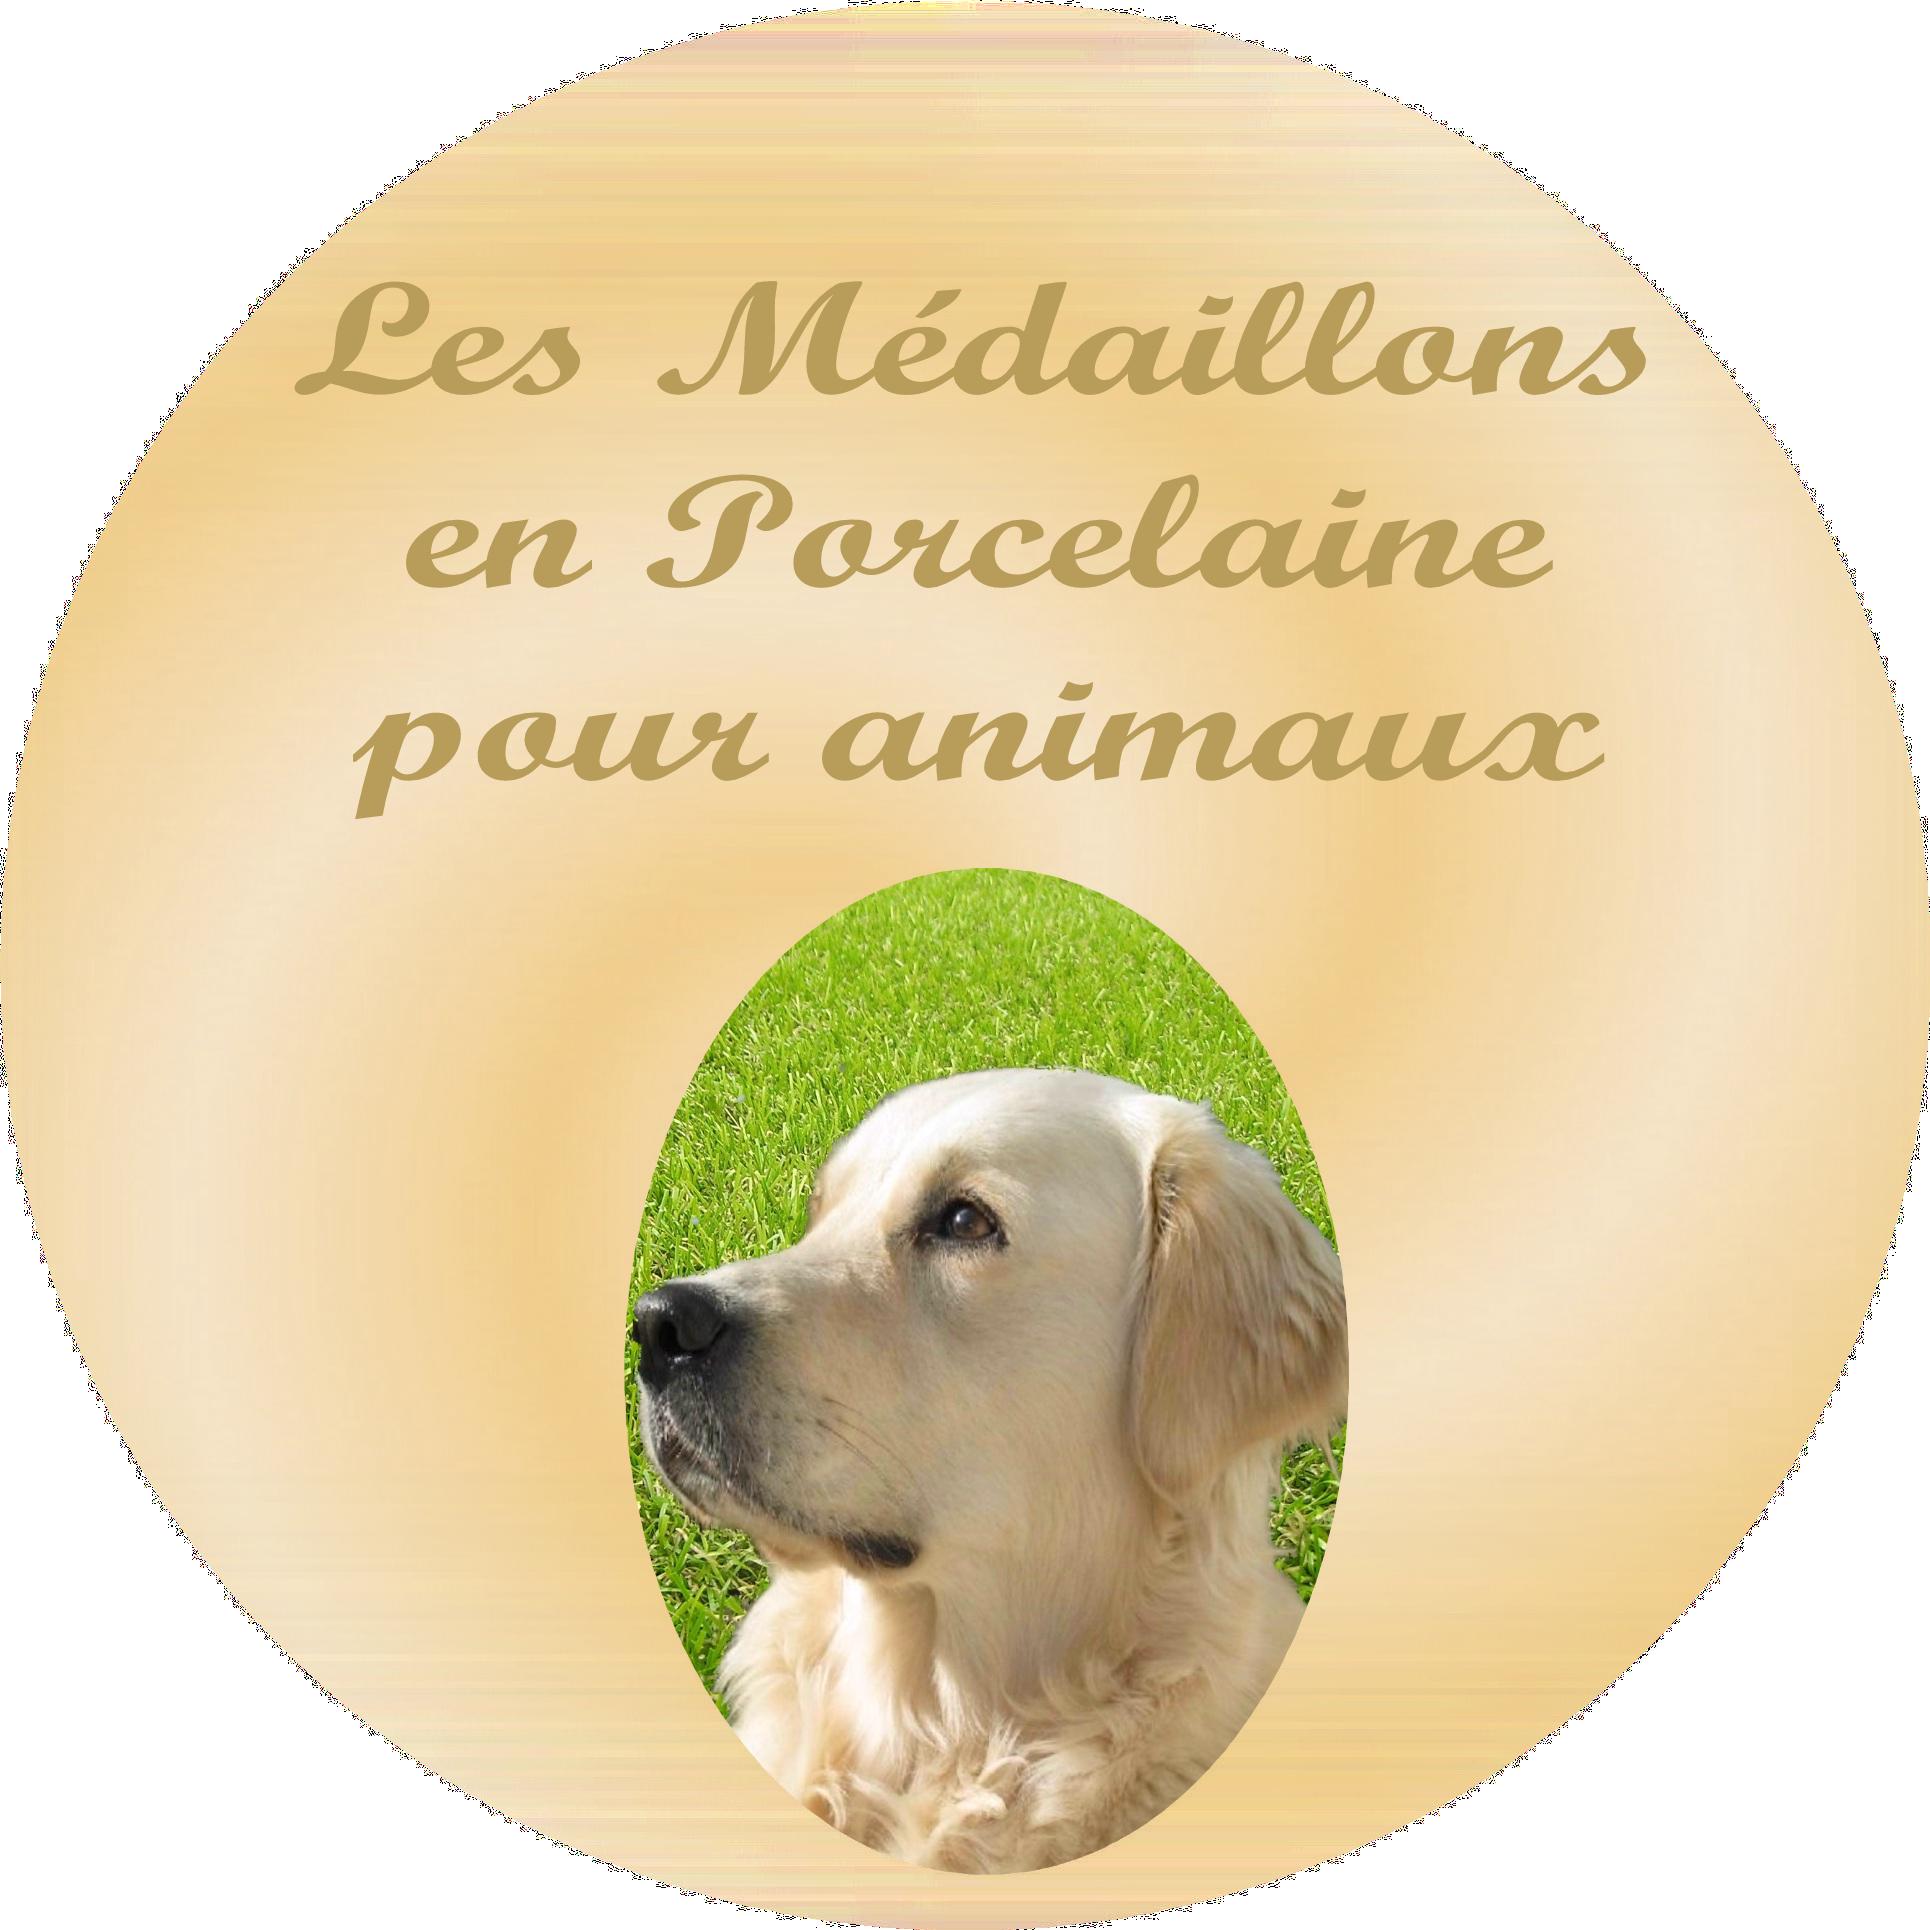 medaillon souvenir pour animaux, chats, chiens, oiseaux, chevaux...